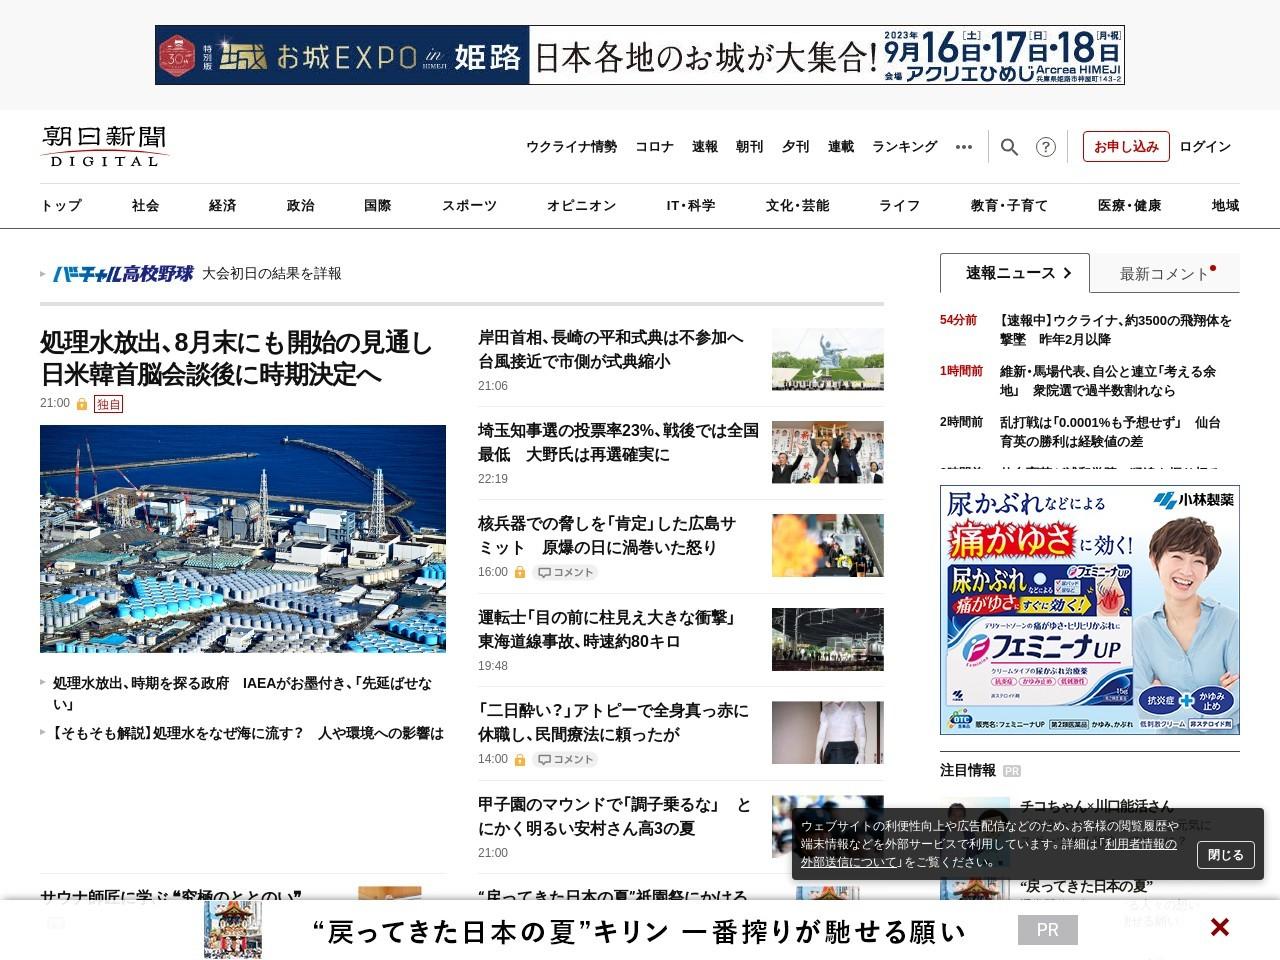 村井美樹「出会えた感動はひとしお」第1子女児出産